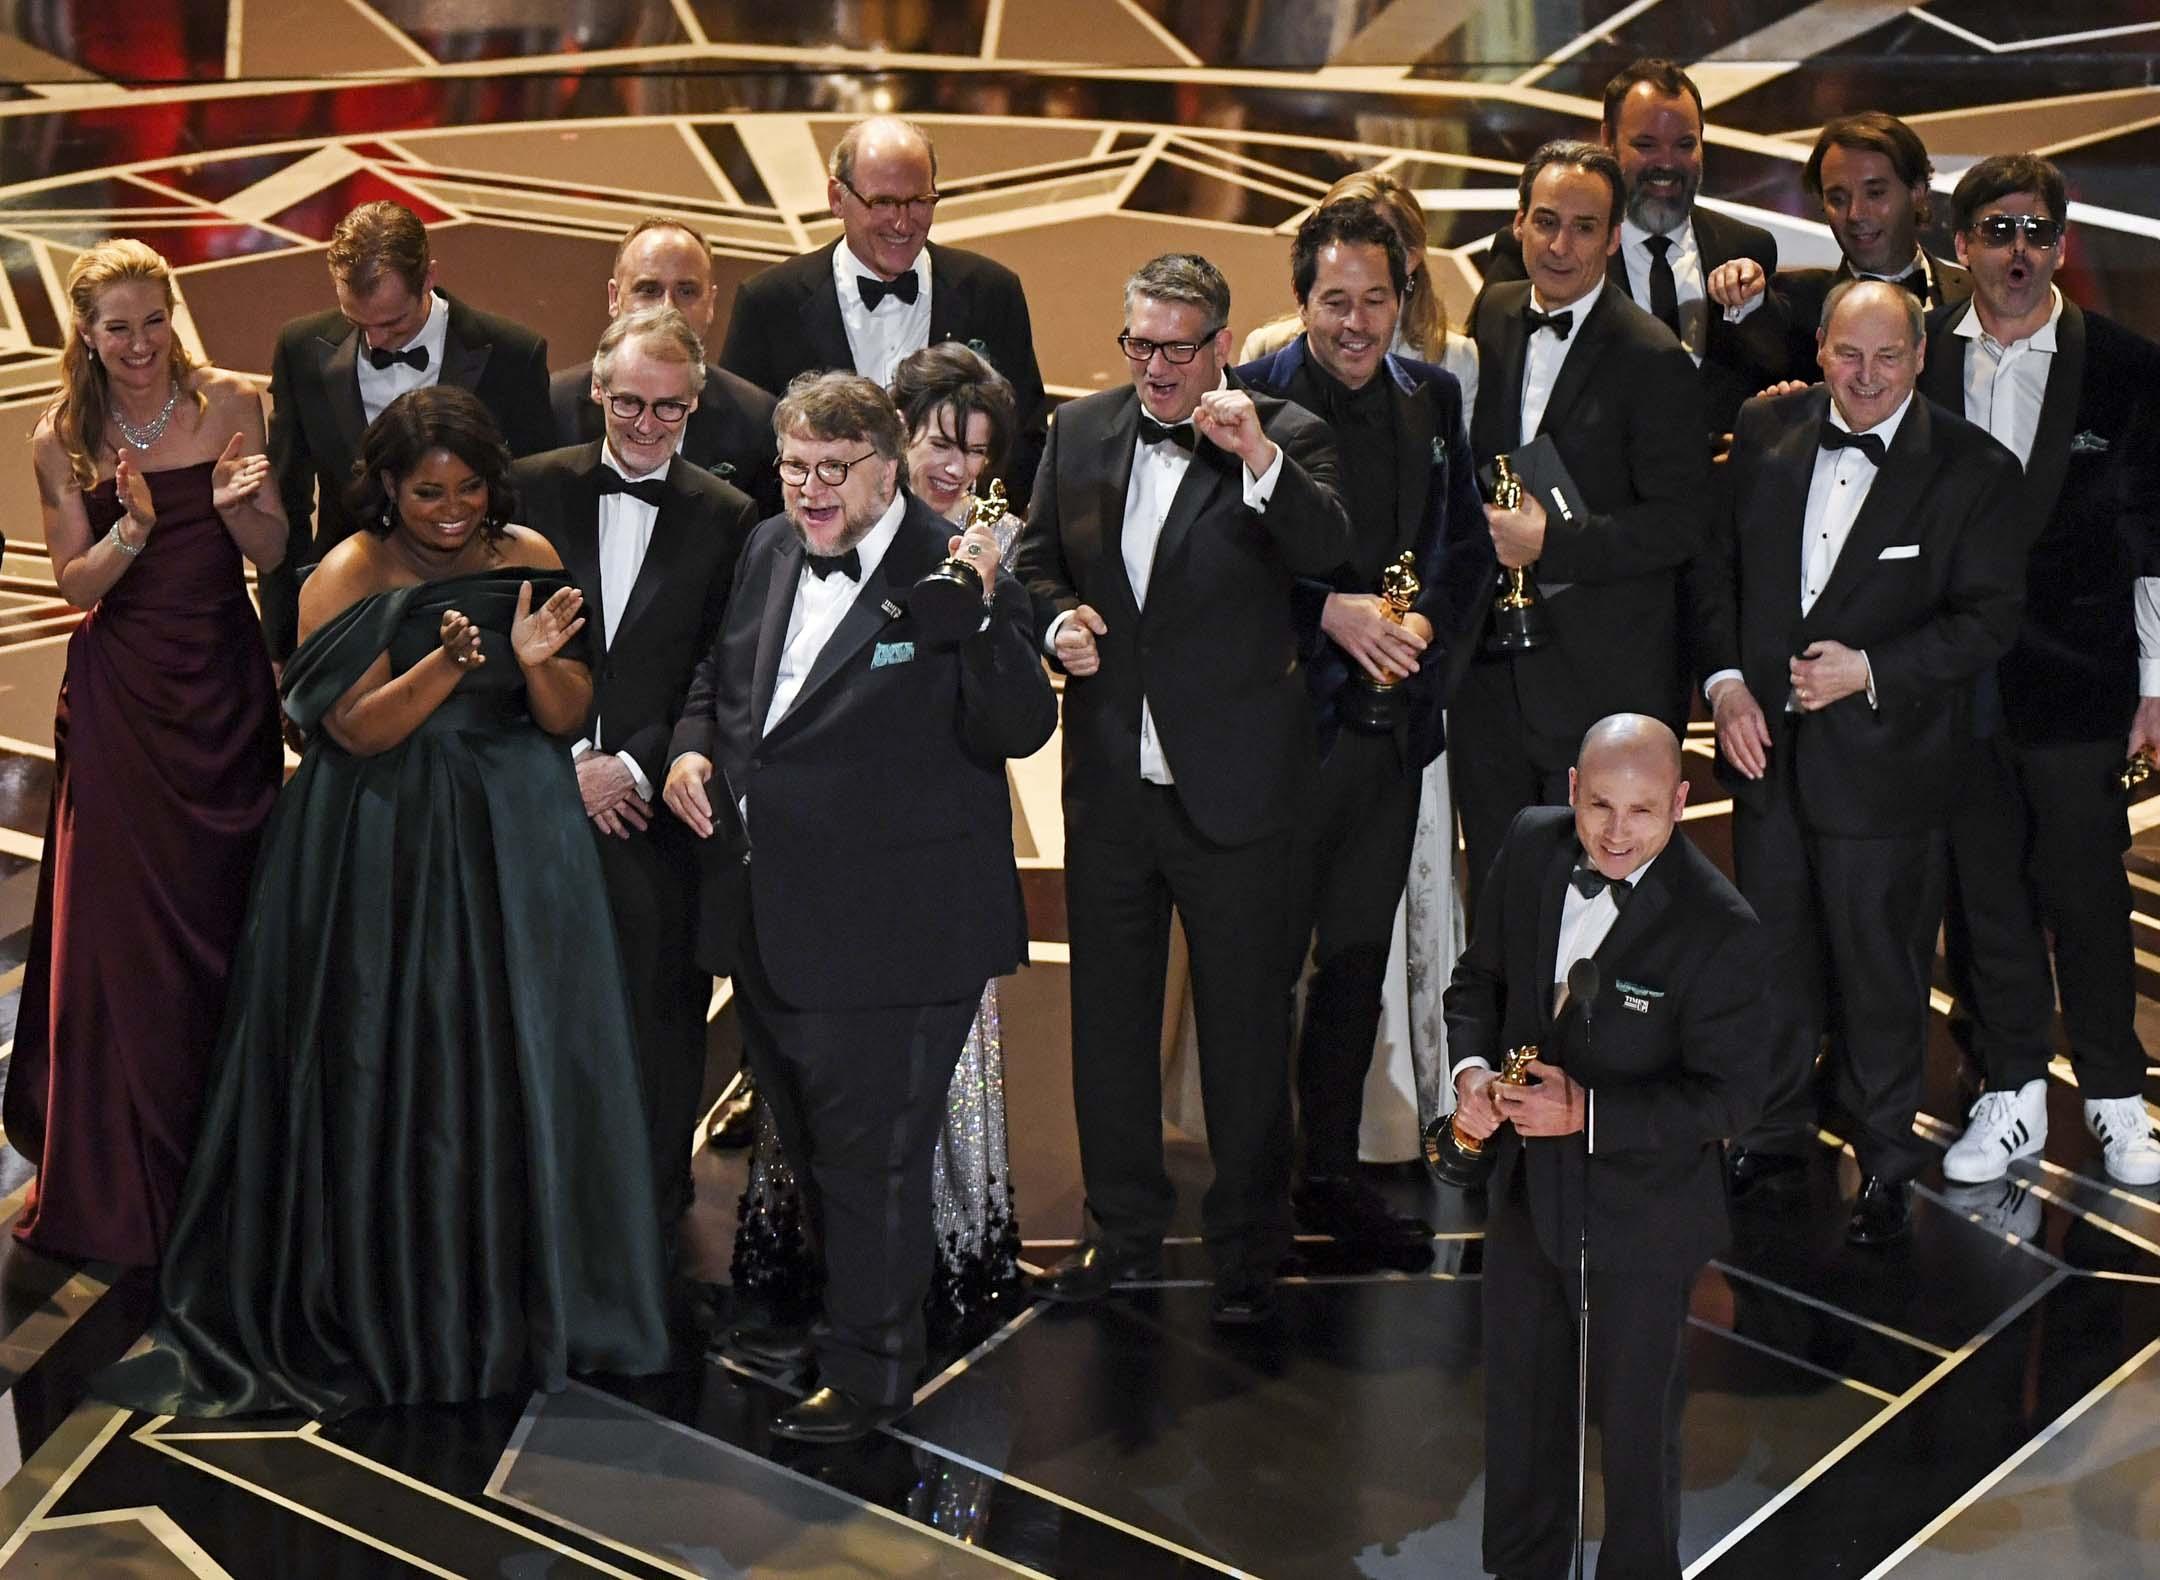 《忘形水》(The Shape of Water)獲得最佳影片,一眾創作者上台領獎。有十三項提名的《 忘形水 》,贏得最佳電影、最佳導演、最佳原創音樂和最佳製作設計四個獎項。 攝: Mark Ralston/AFP/Getty Images